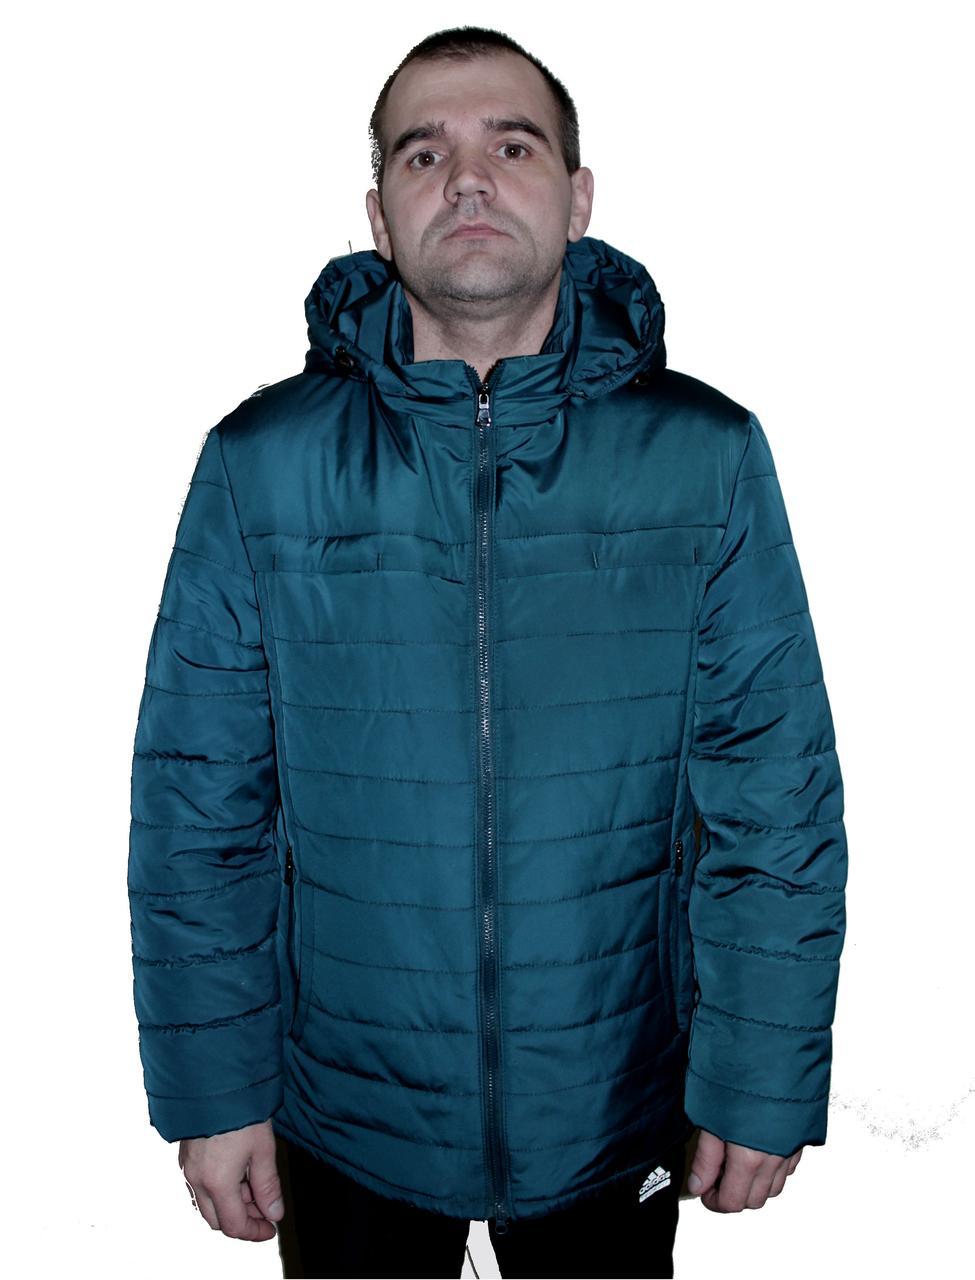 Стильная демисезонная мужская куртка со съемным капюшоном